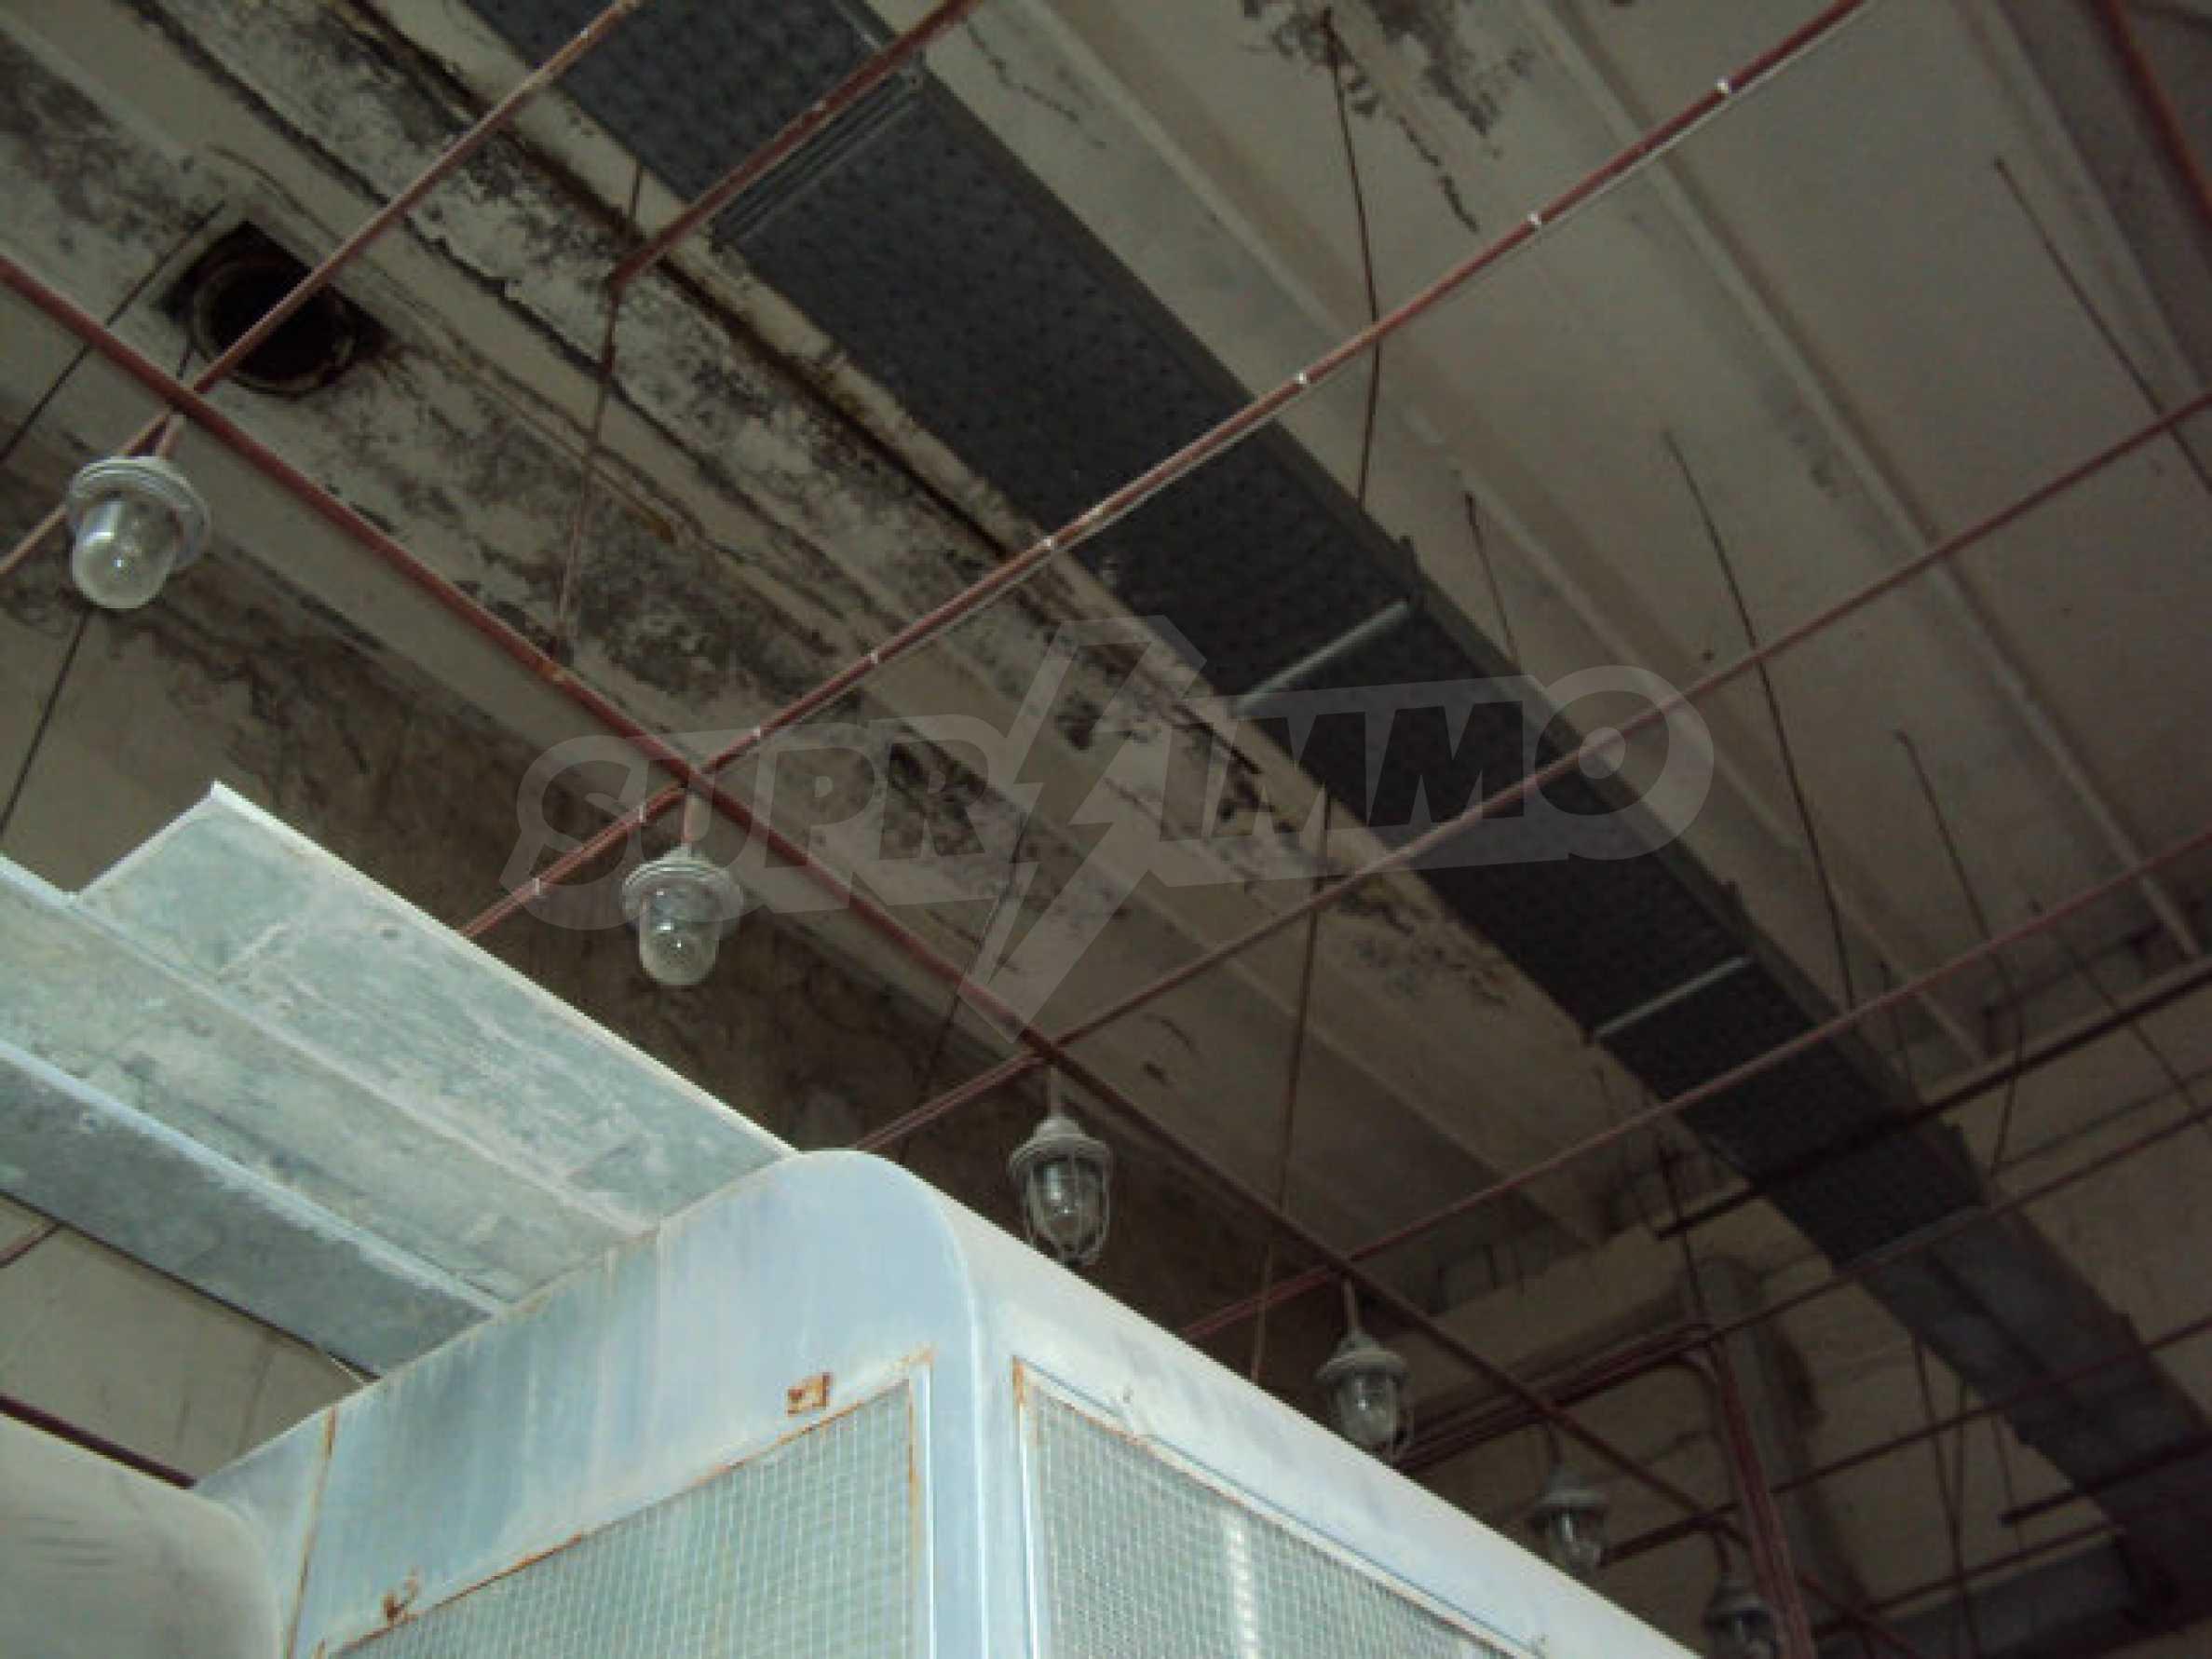 Factory for metal parts in Veliko Tarnovo 57